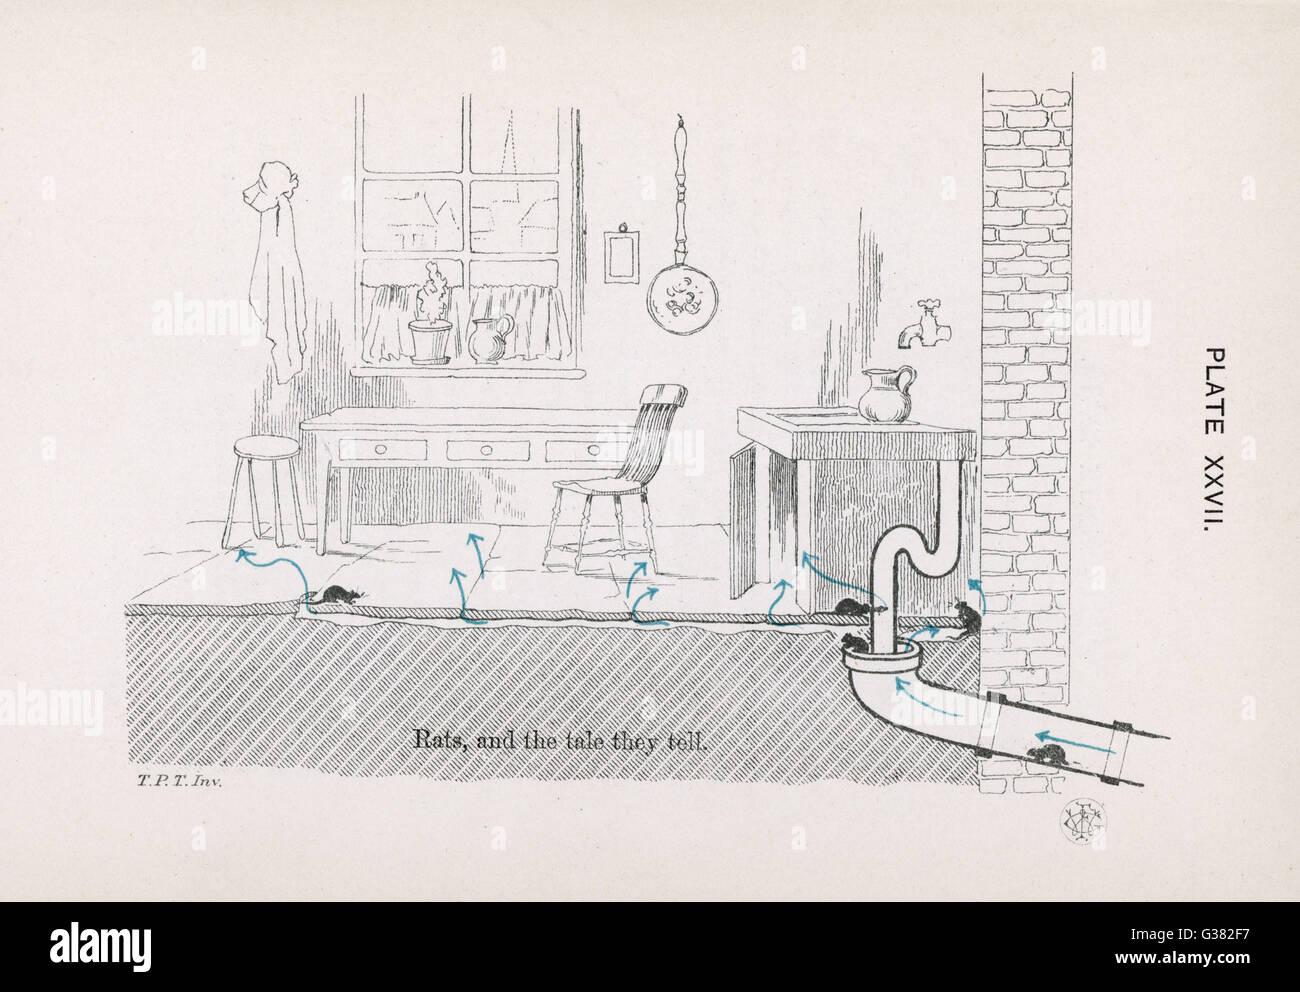 Ratti e il racconto raccontano data: 1878 Immagini Stock